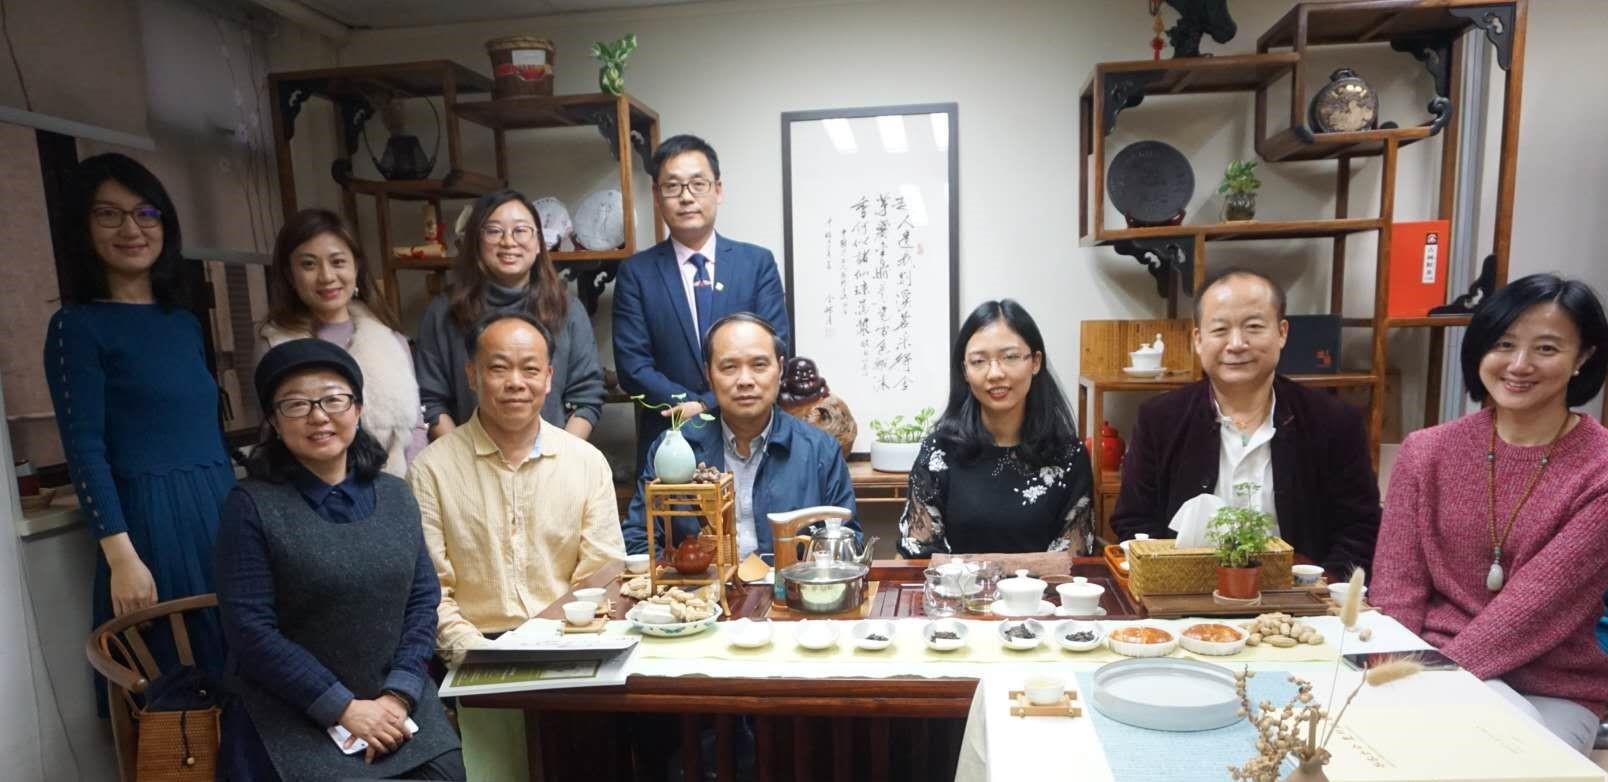 本會常務副會長兼秘書長劉偉忠(前排左三)與曲靖香港聯誼商會成員合影